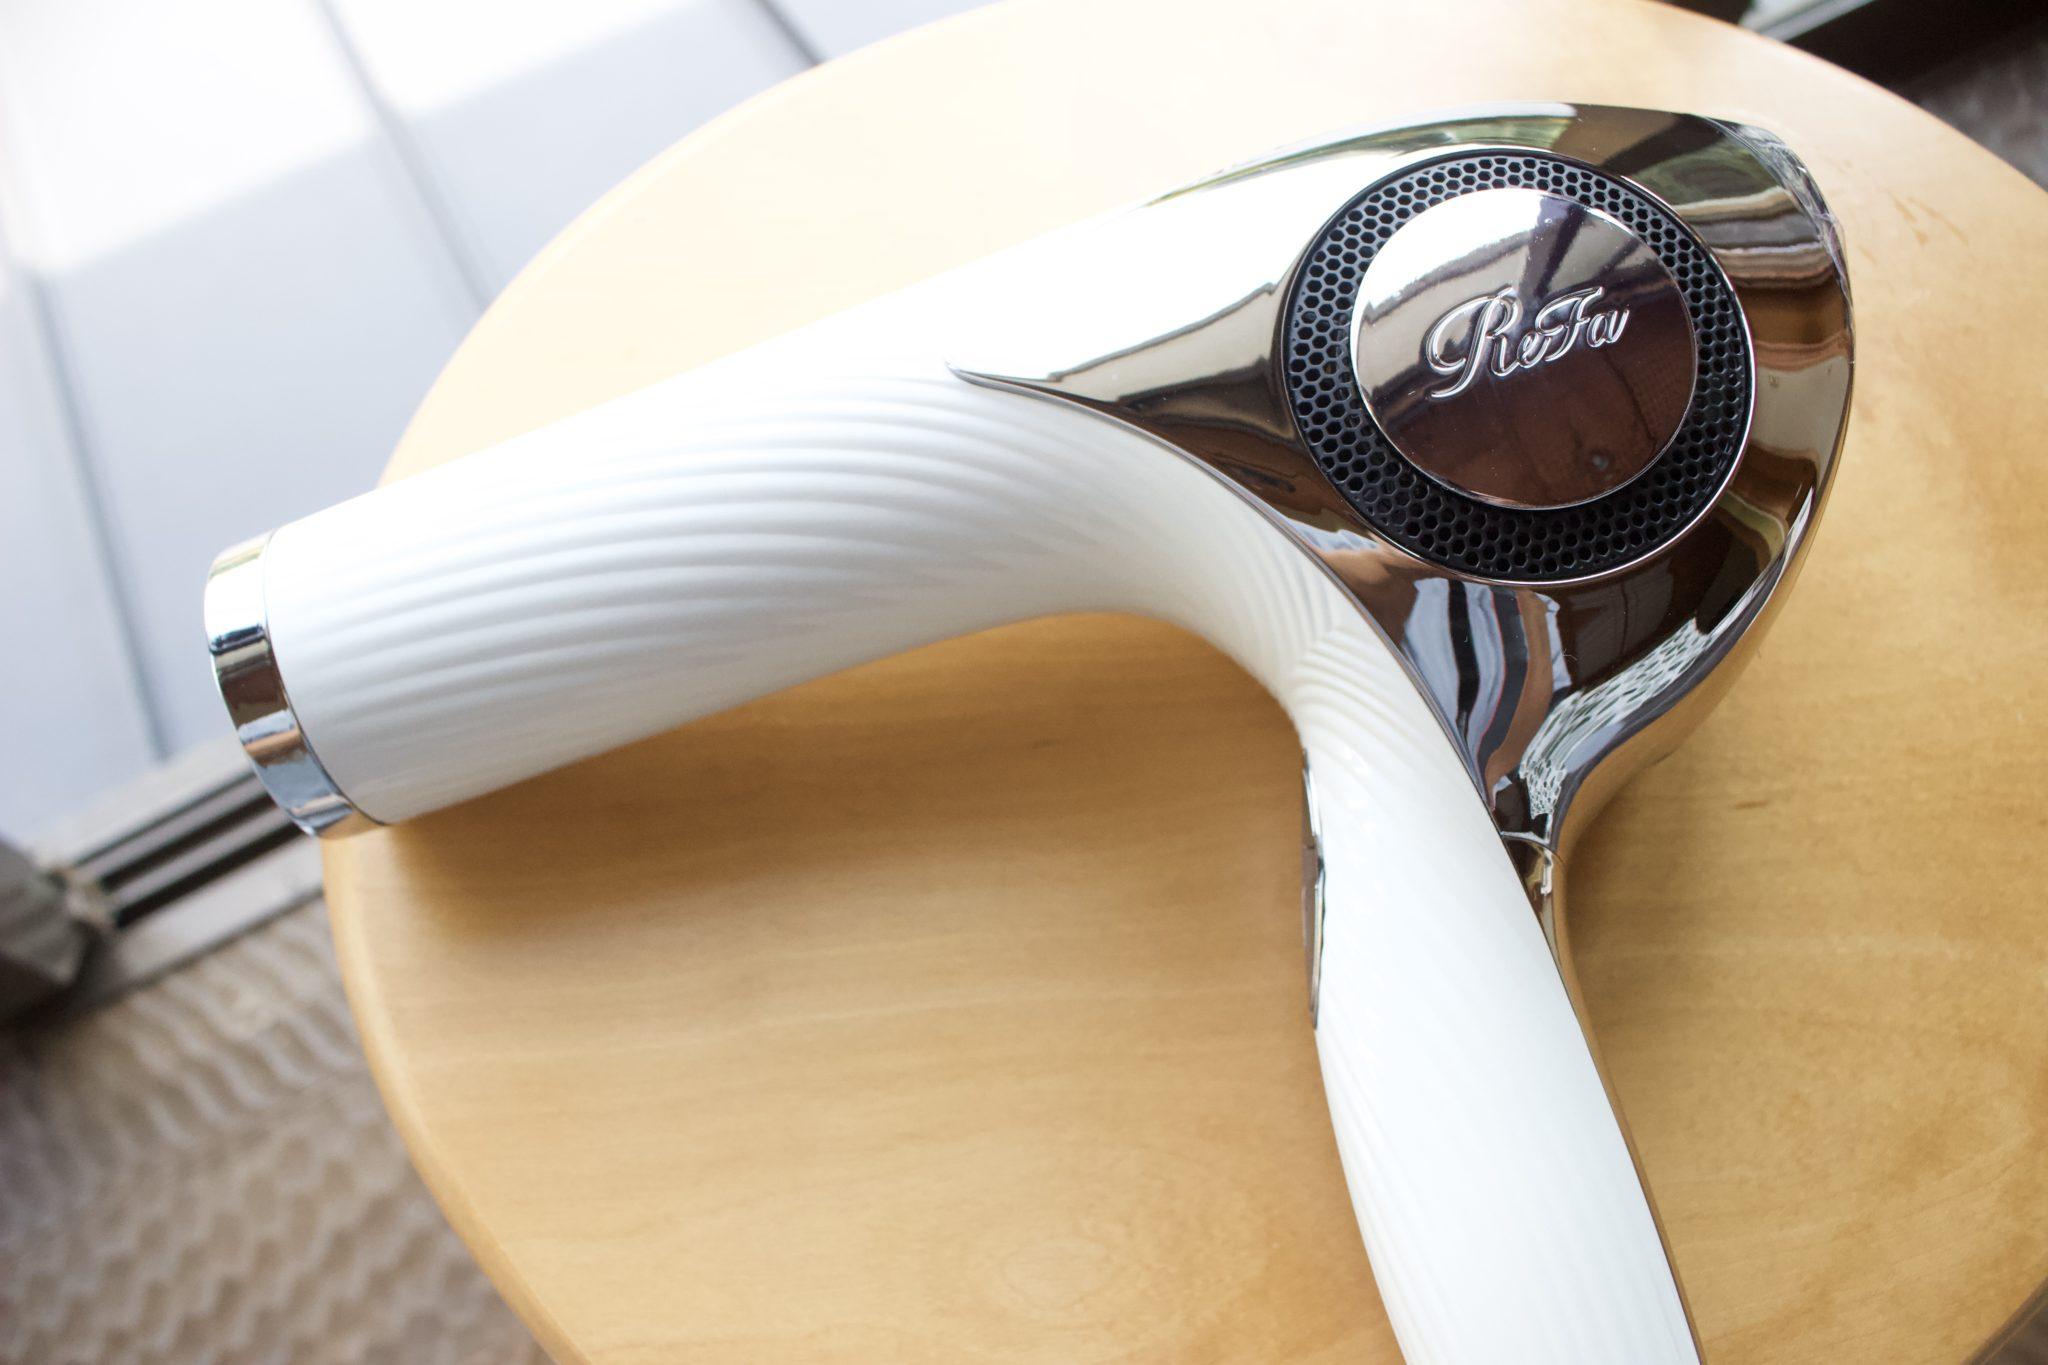 ReFaのヘアドライヤーを全客室に。